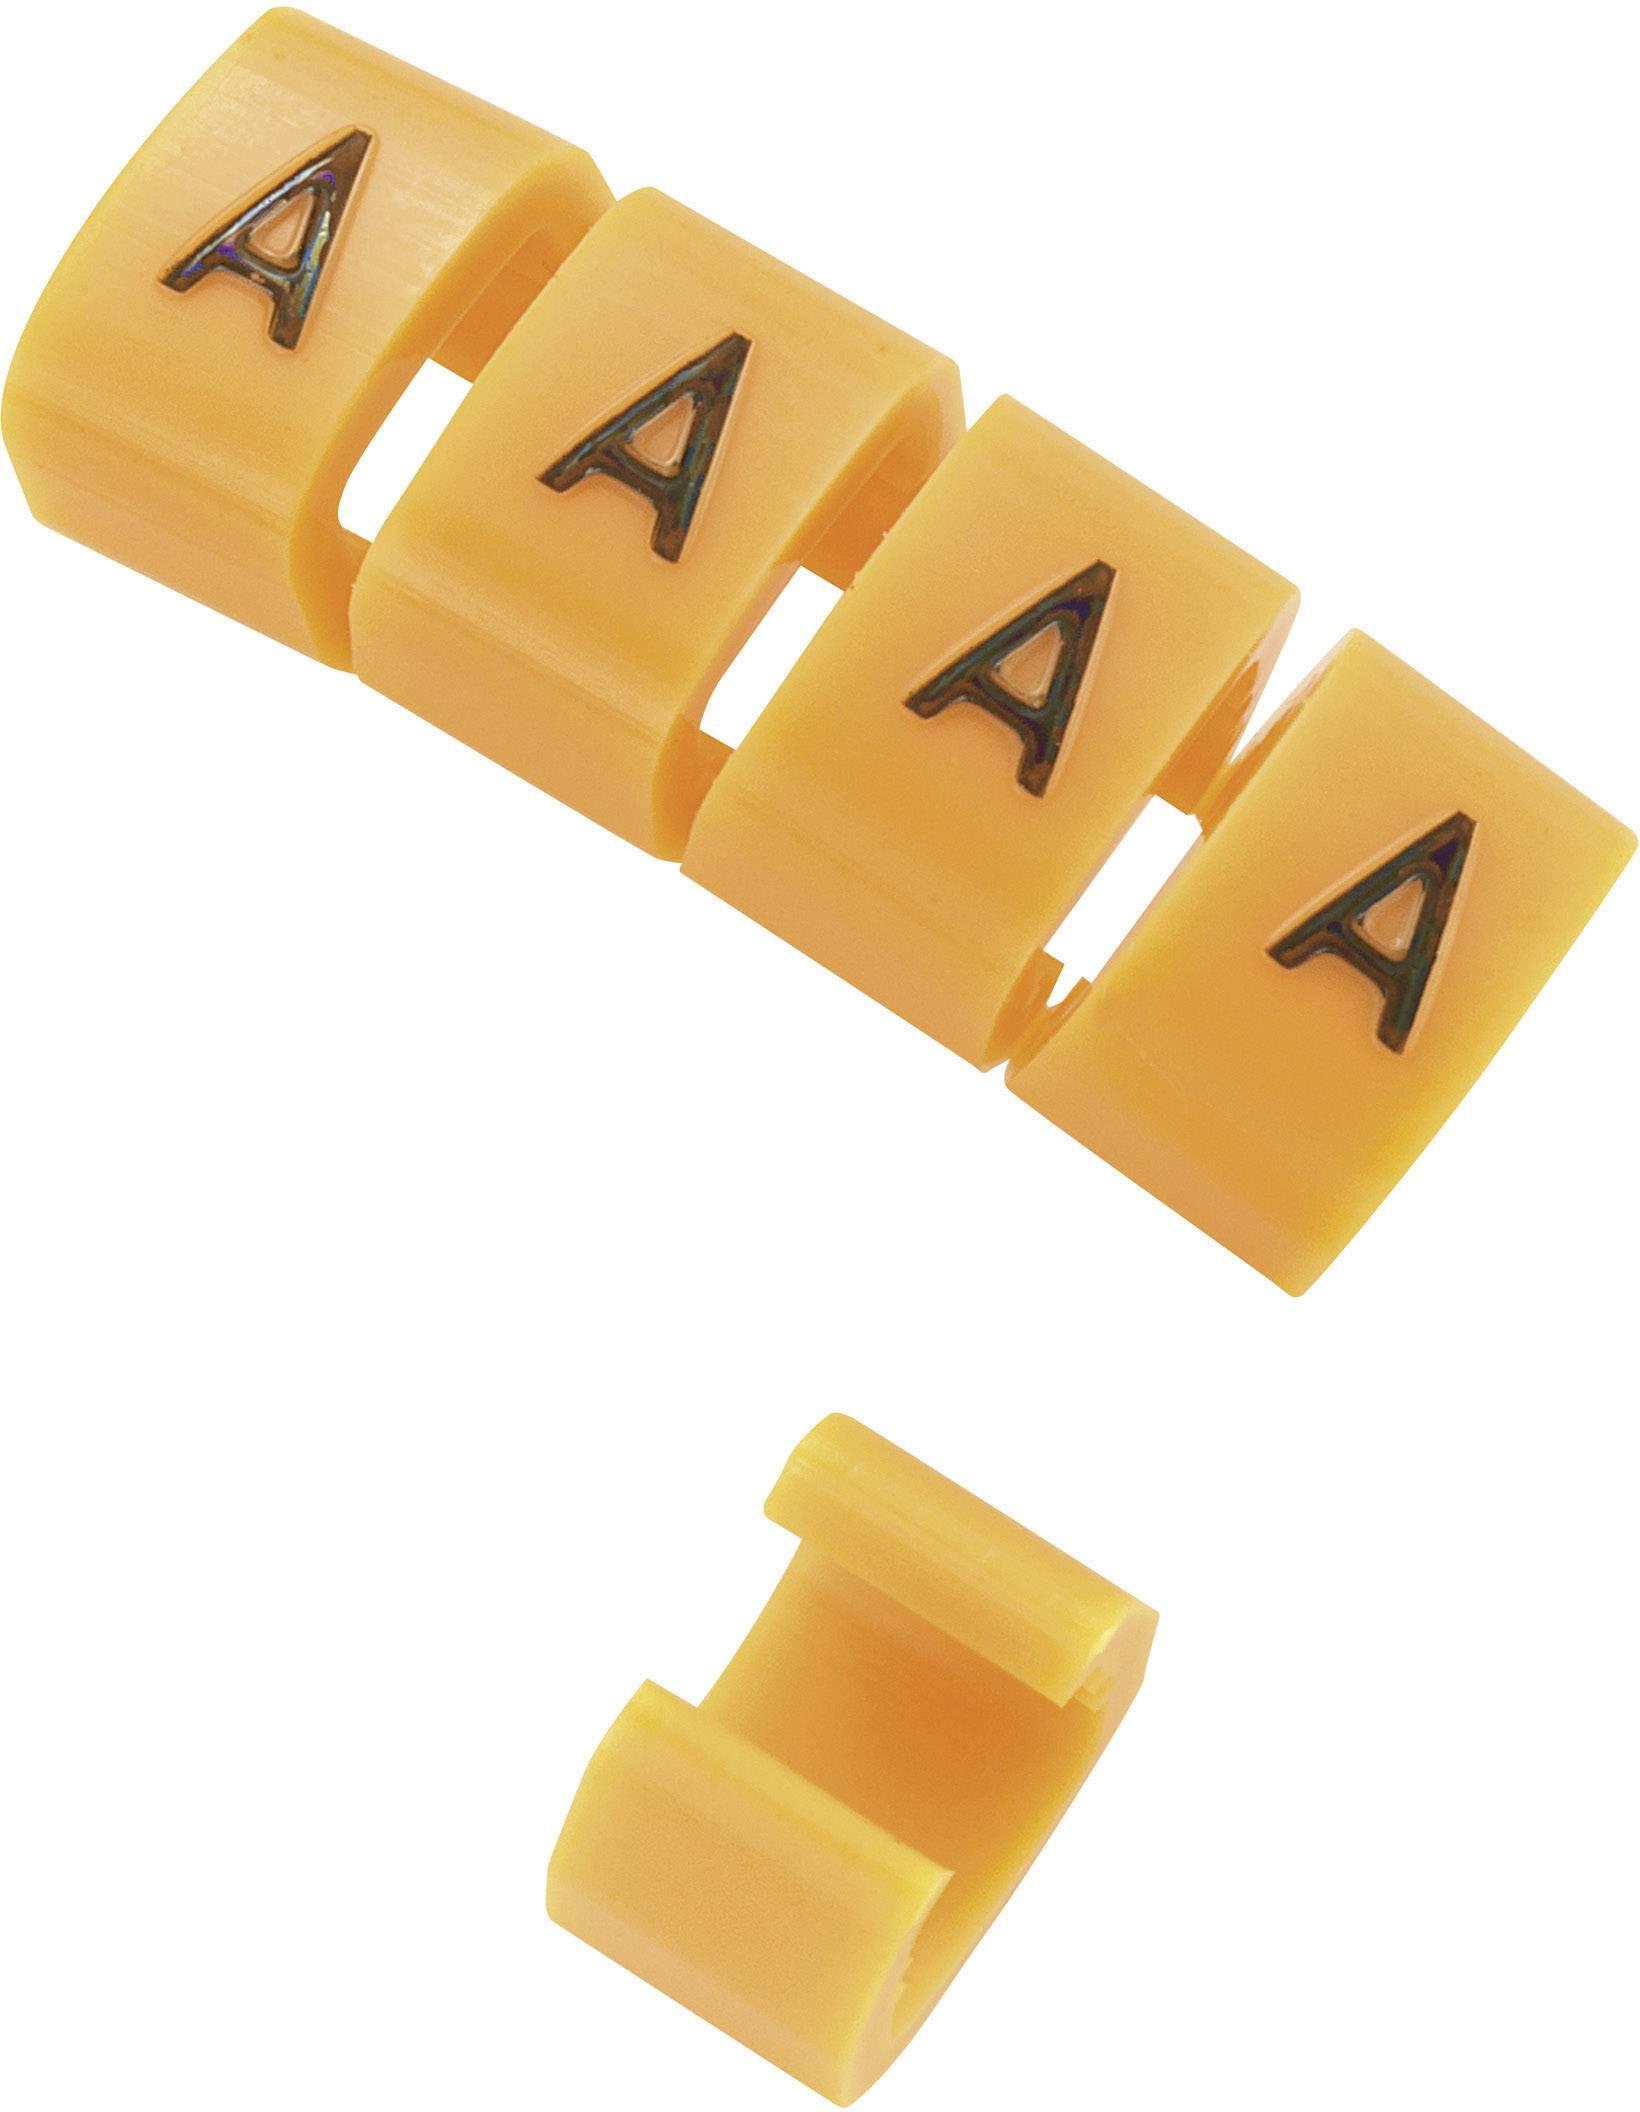 Označovacie objímka na káble KSS MB1/L, oranžová, 10 ks